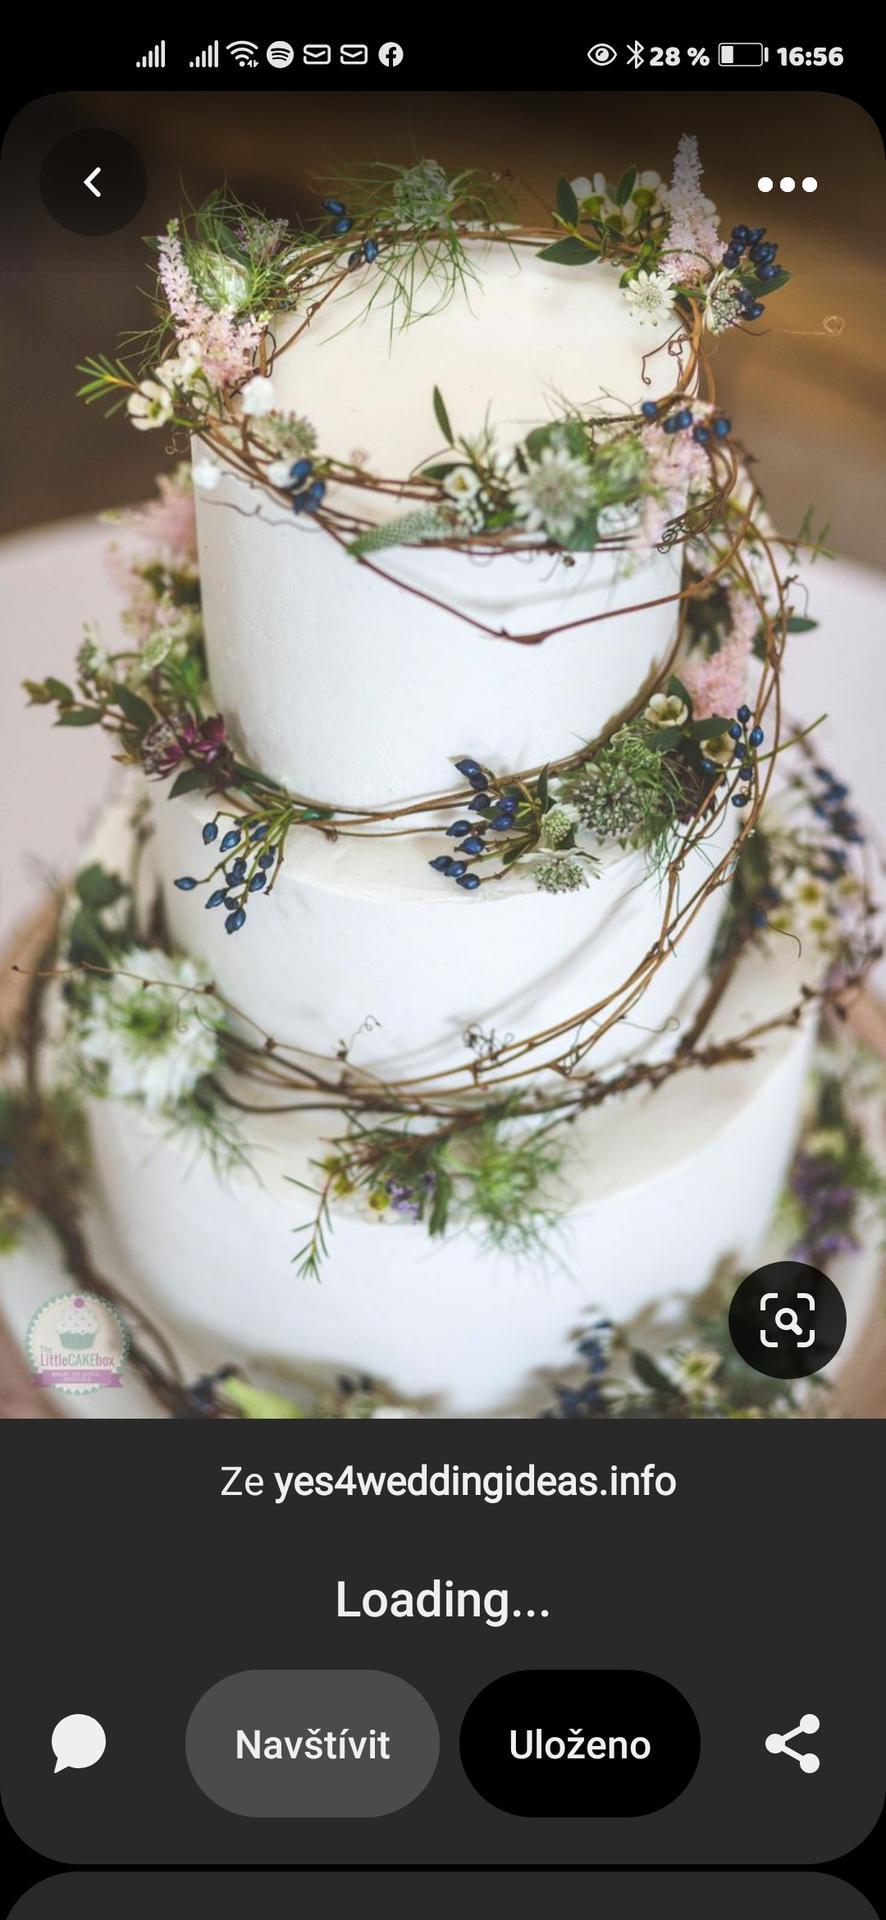 Moje představy - Svatební dort